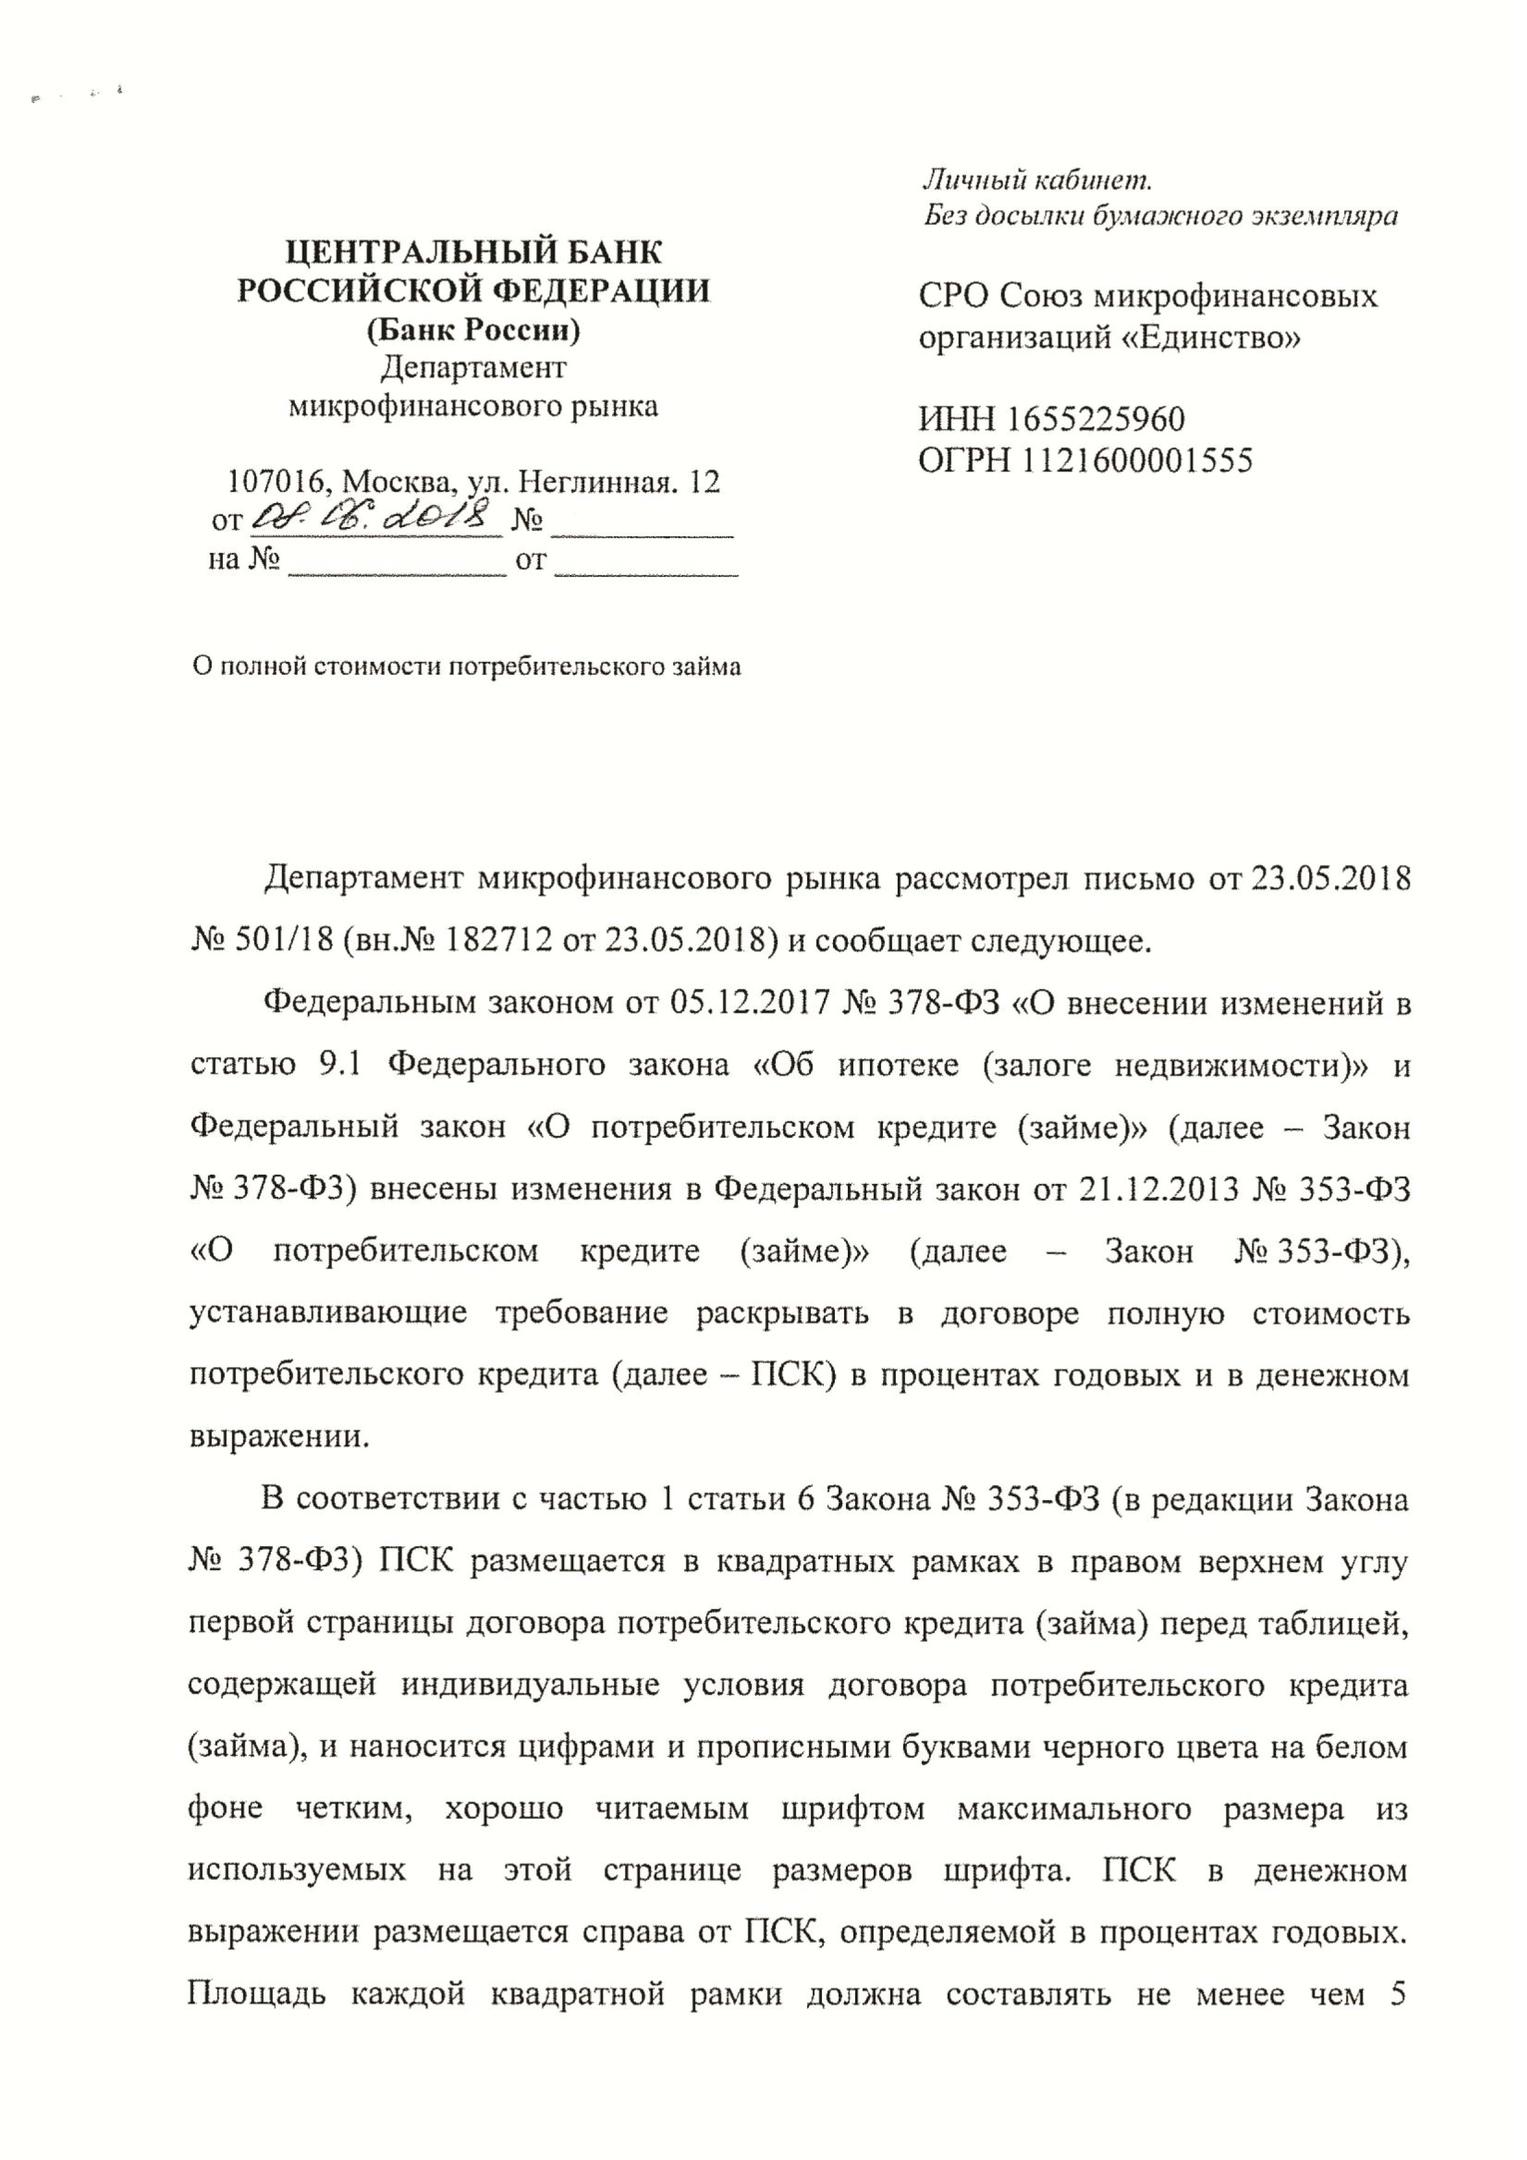 микрозайм онлайн на банковский счет в казахстане